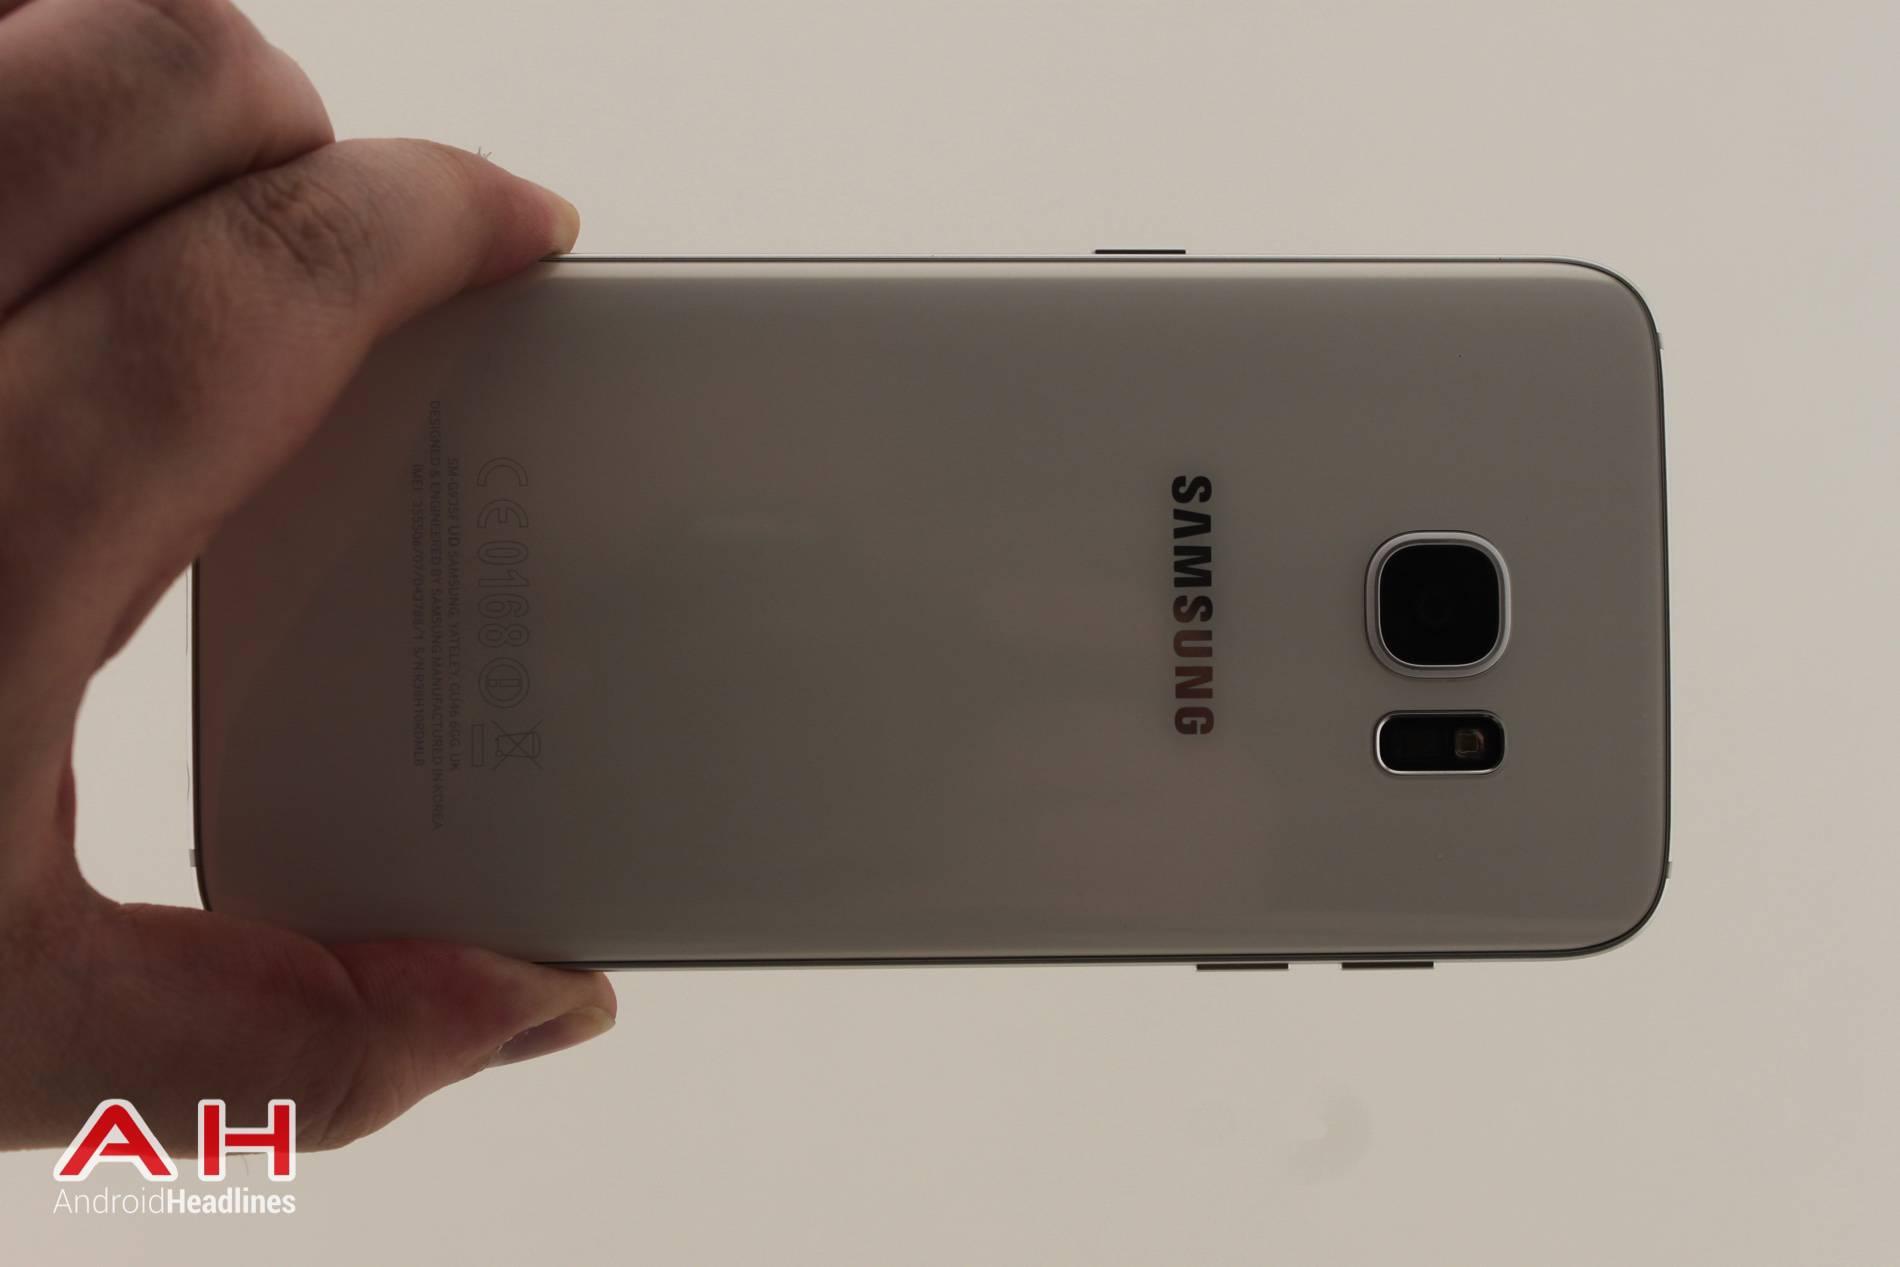 Galaxy S7 MWC AH 1 1